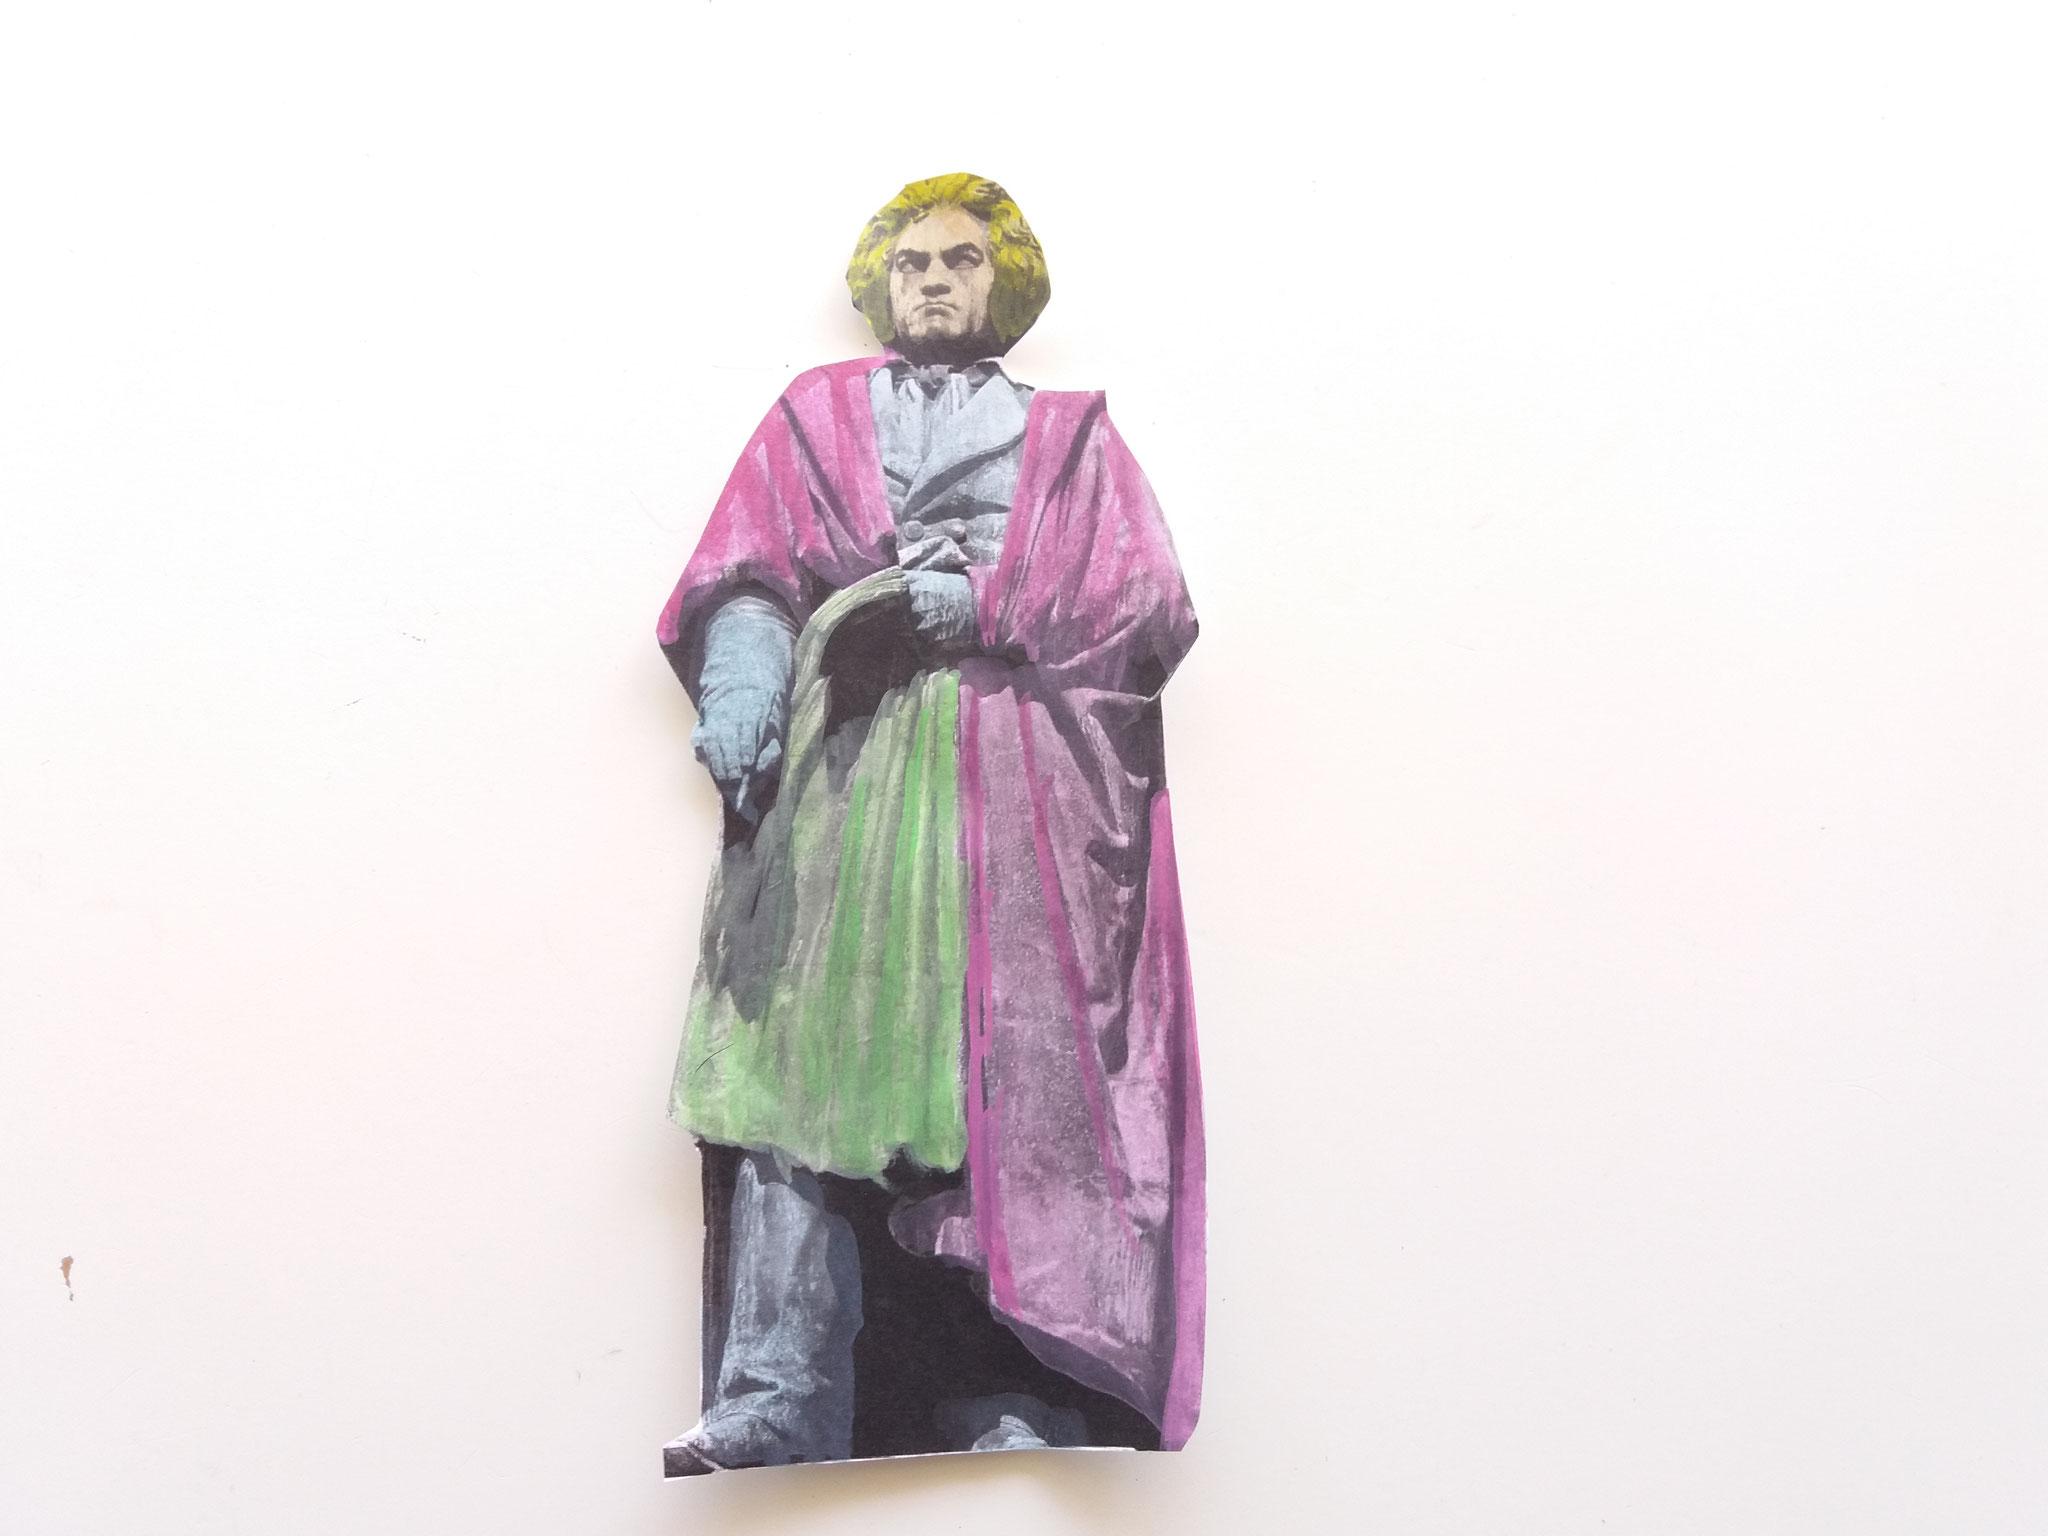 Vorsichtig die Statue anmalen, so dass die grauen Konturen weiterhin sichtbar bleiben